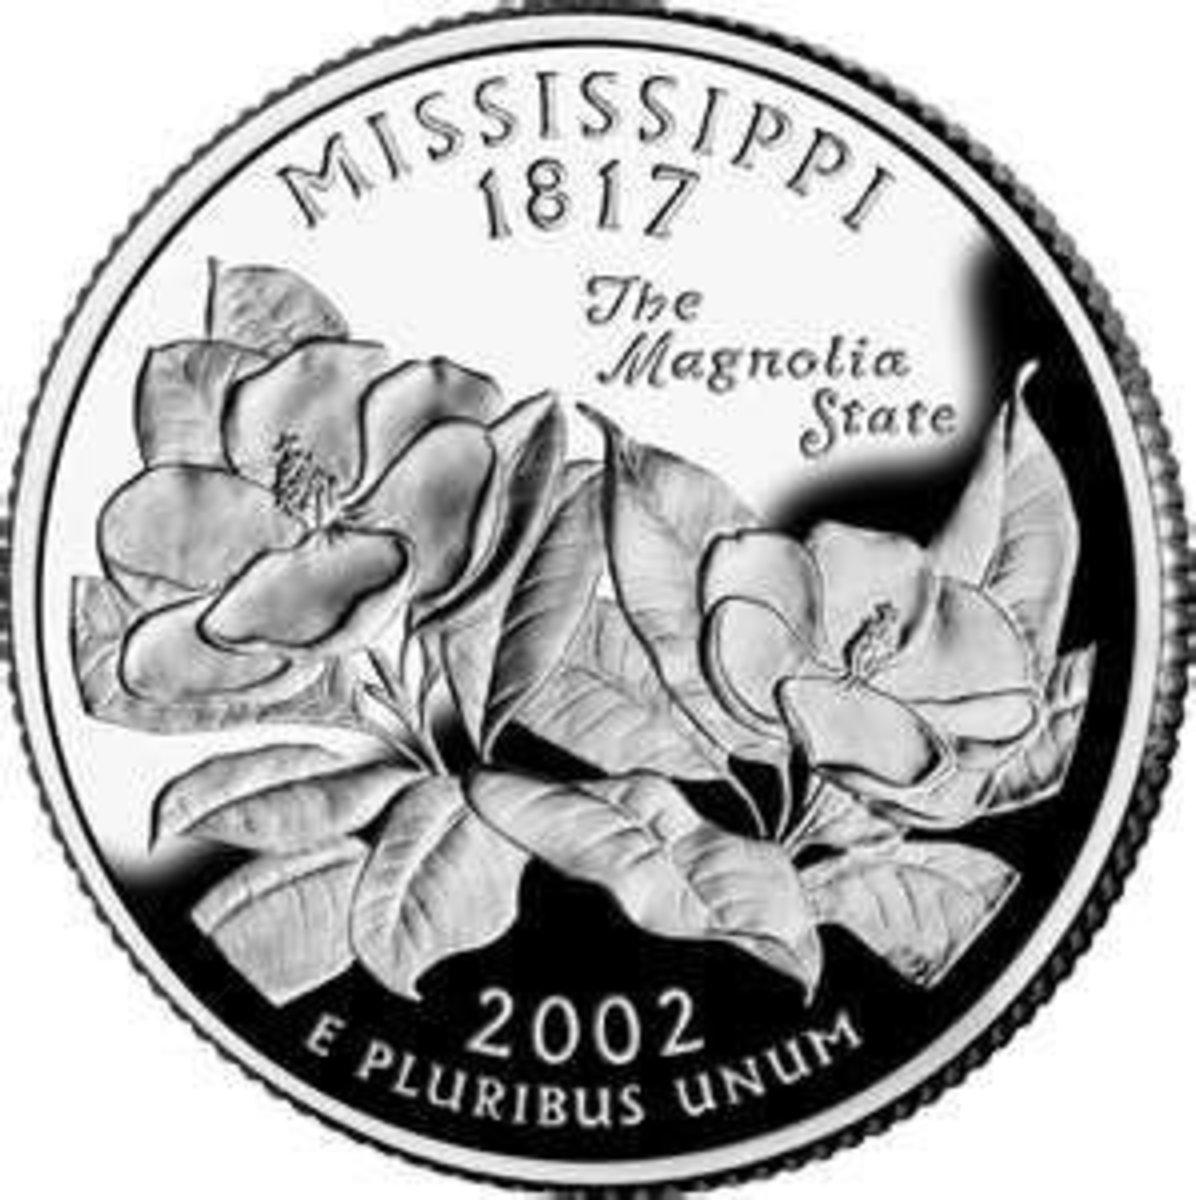 Mississippi's state quarter